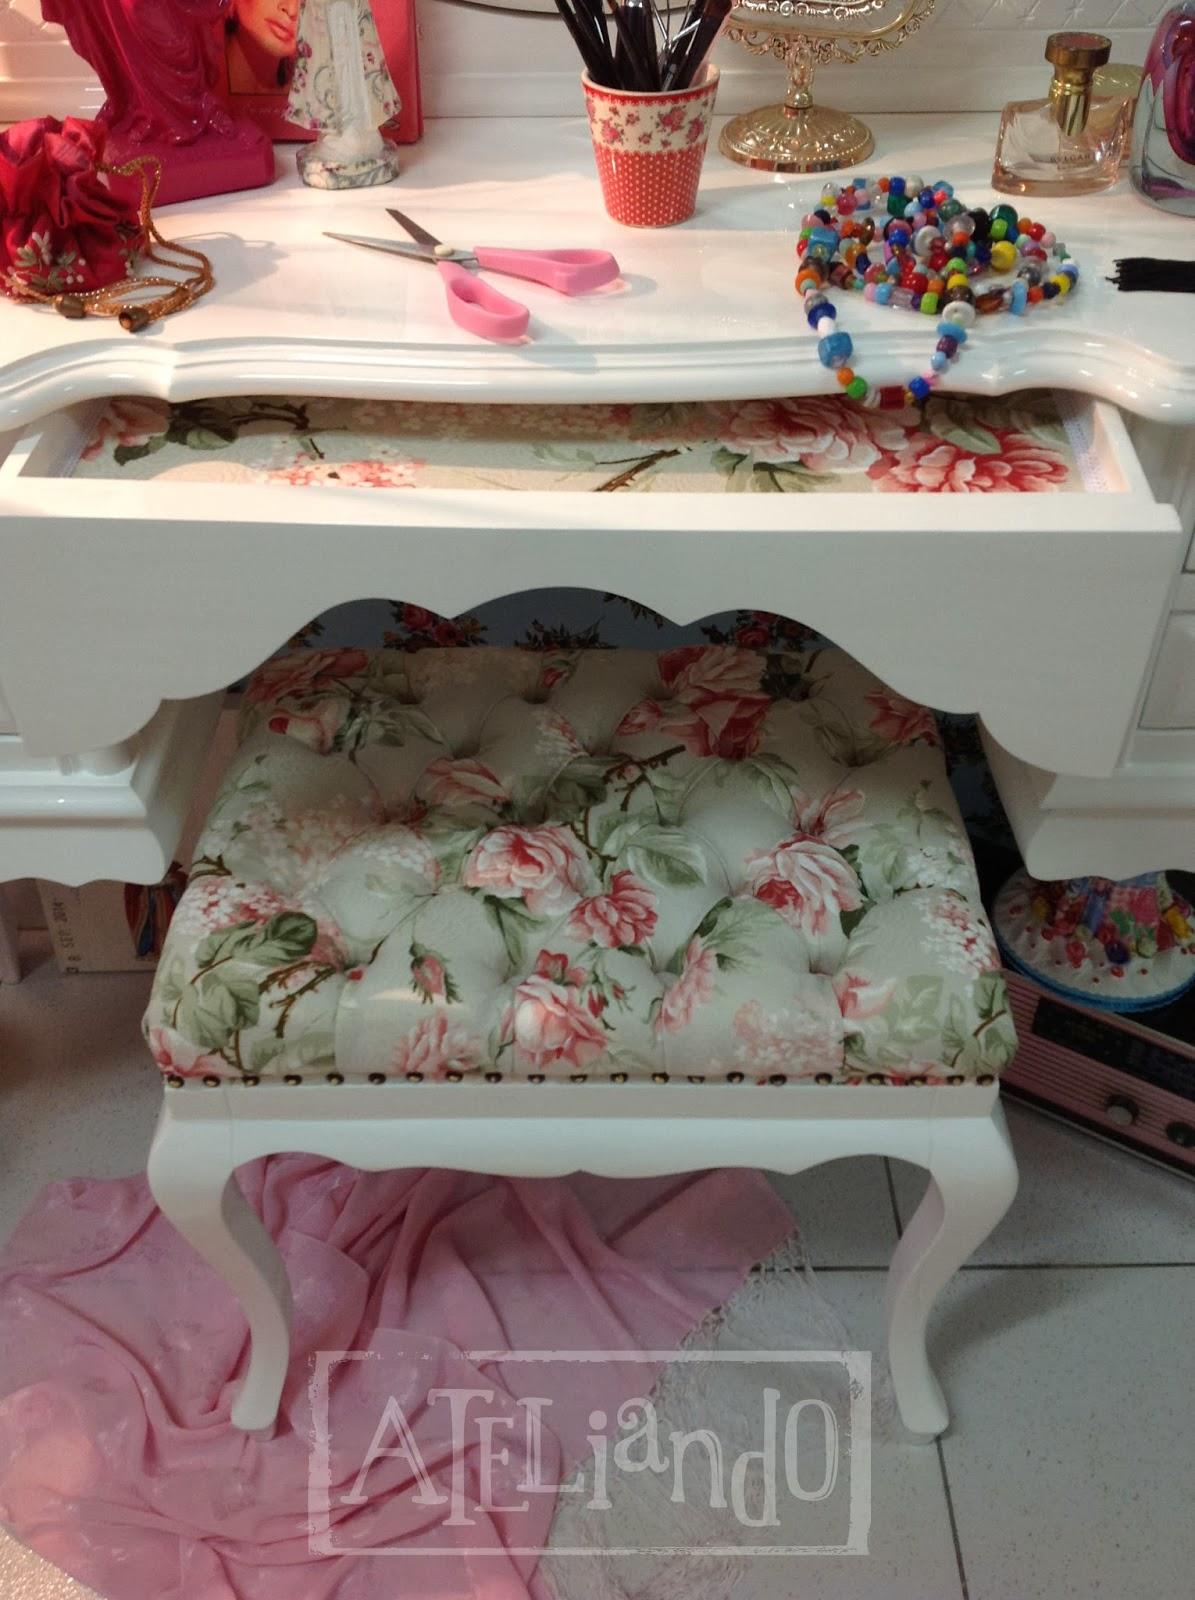 Ateliando Customização de móveis antigos: Penteadeira Floral Eva #9D2E2F 1195x1600